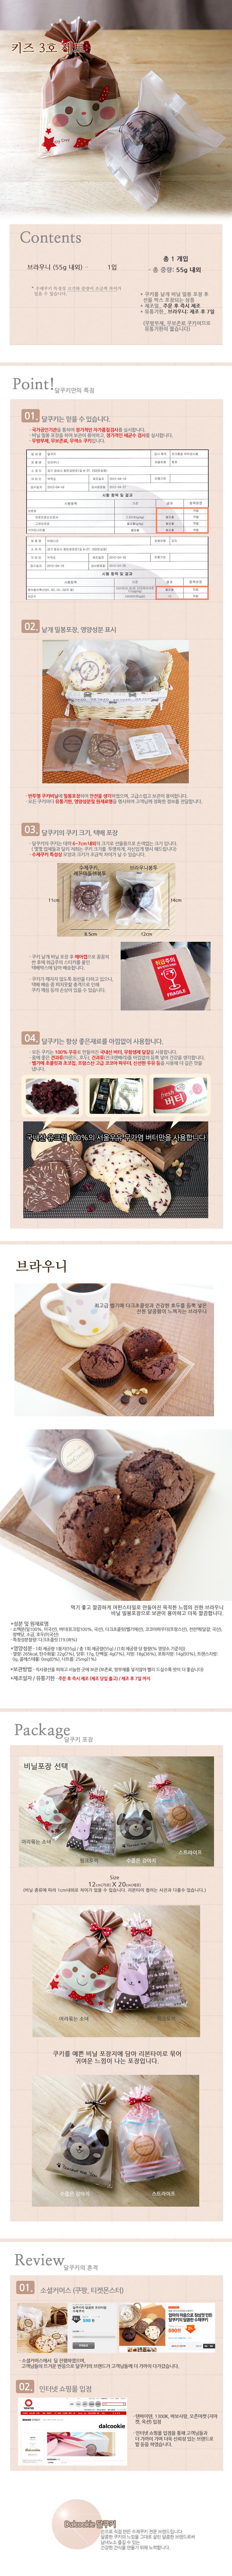 키즈 수제쿠키 3호 - 달쿠키, 1,950원, 쿠키/케익/빵, 쿠키